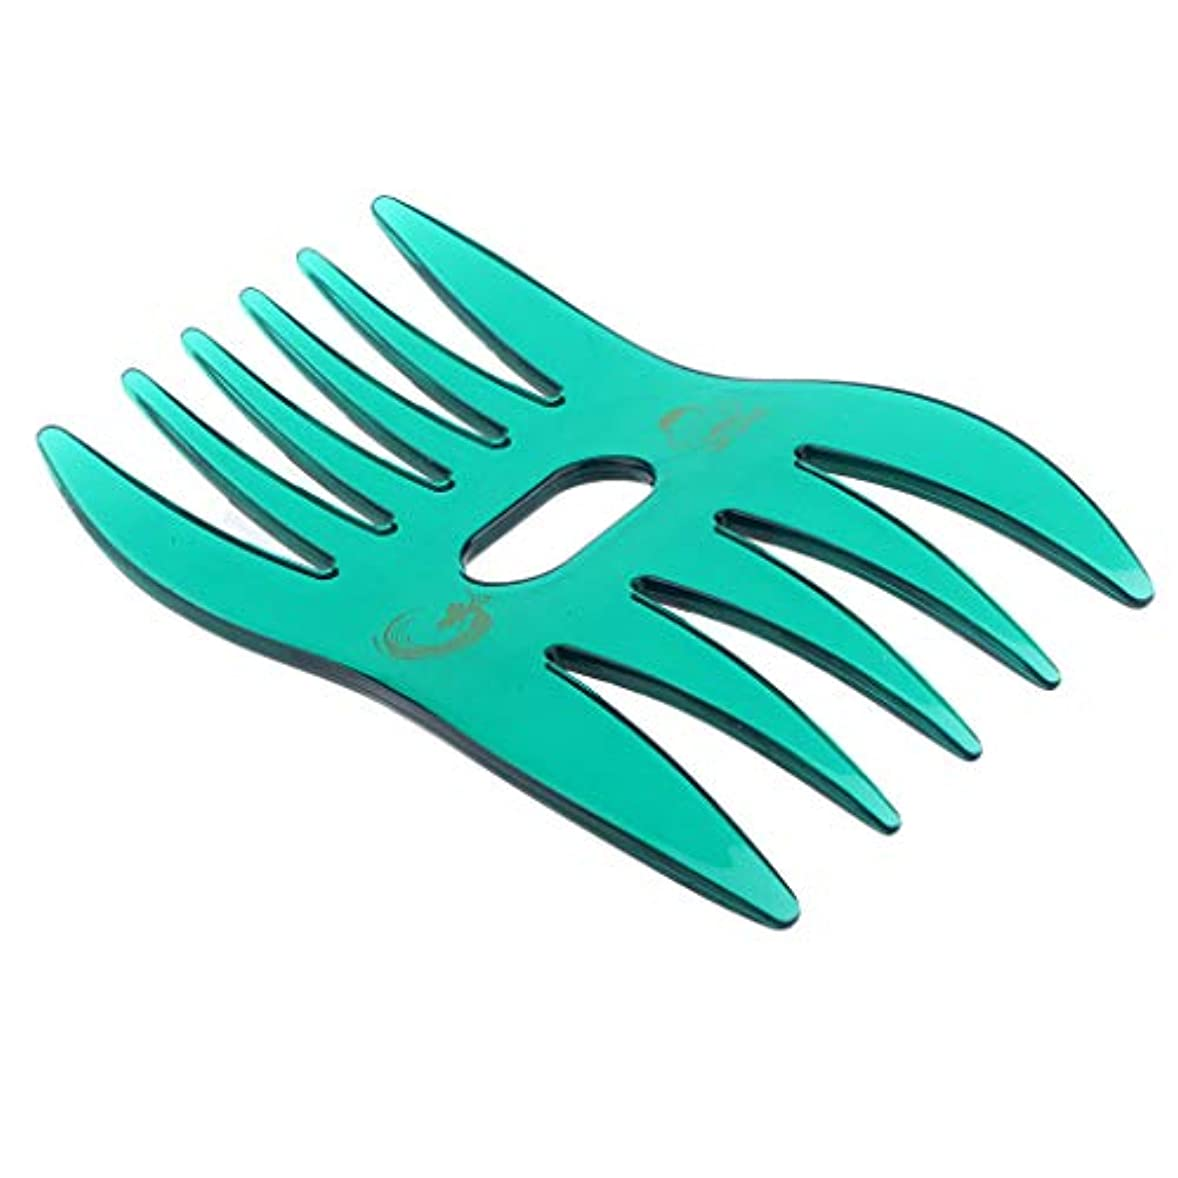 ヘアコーム ヘアブラシ デュアルサイド櫛 ワイド 細かい歯 ヘアサロン 自宅用 4色選べ - 緑